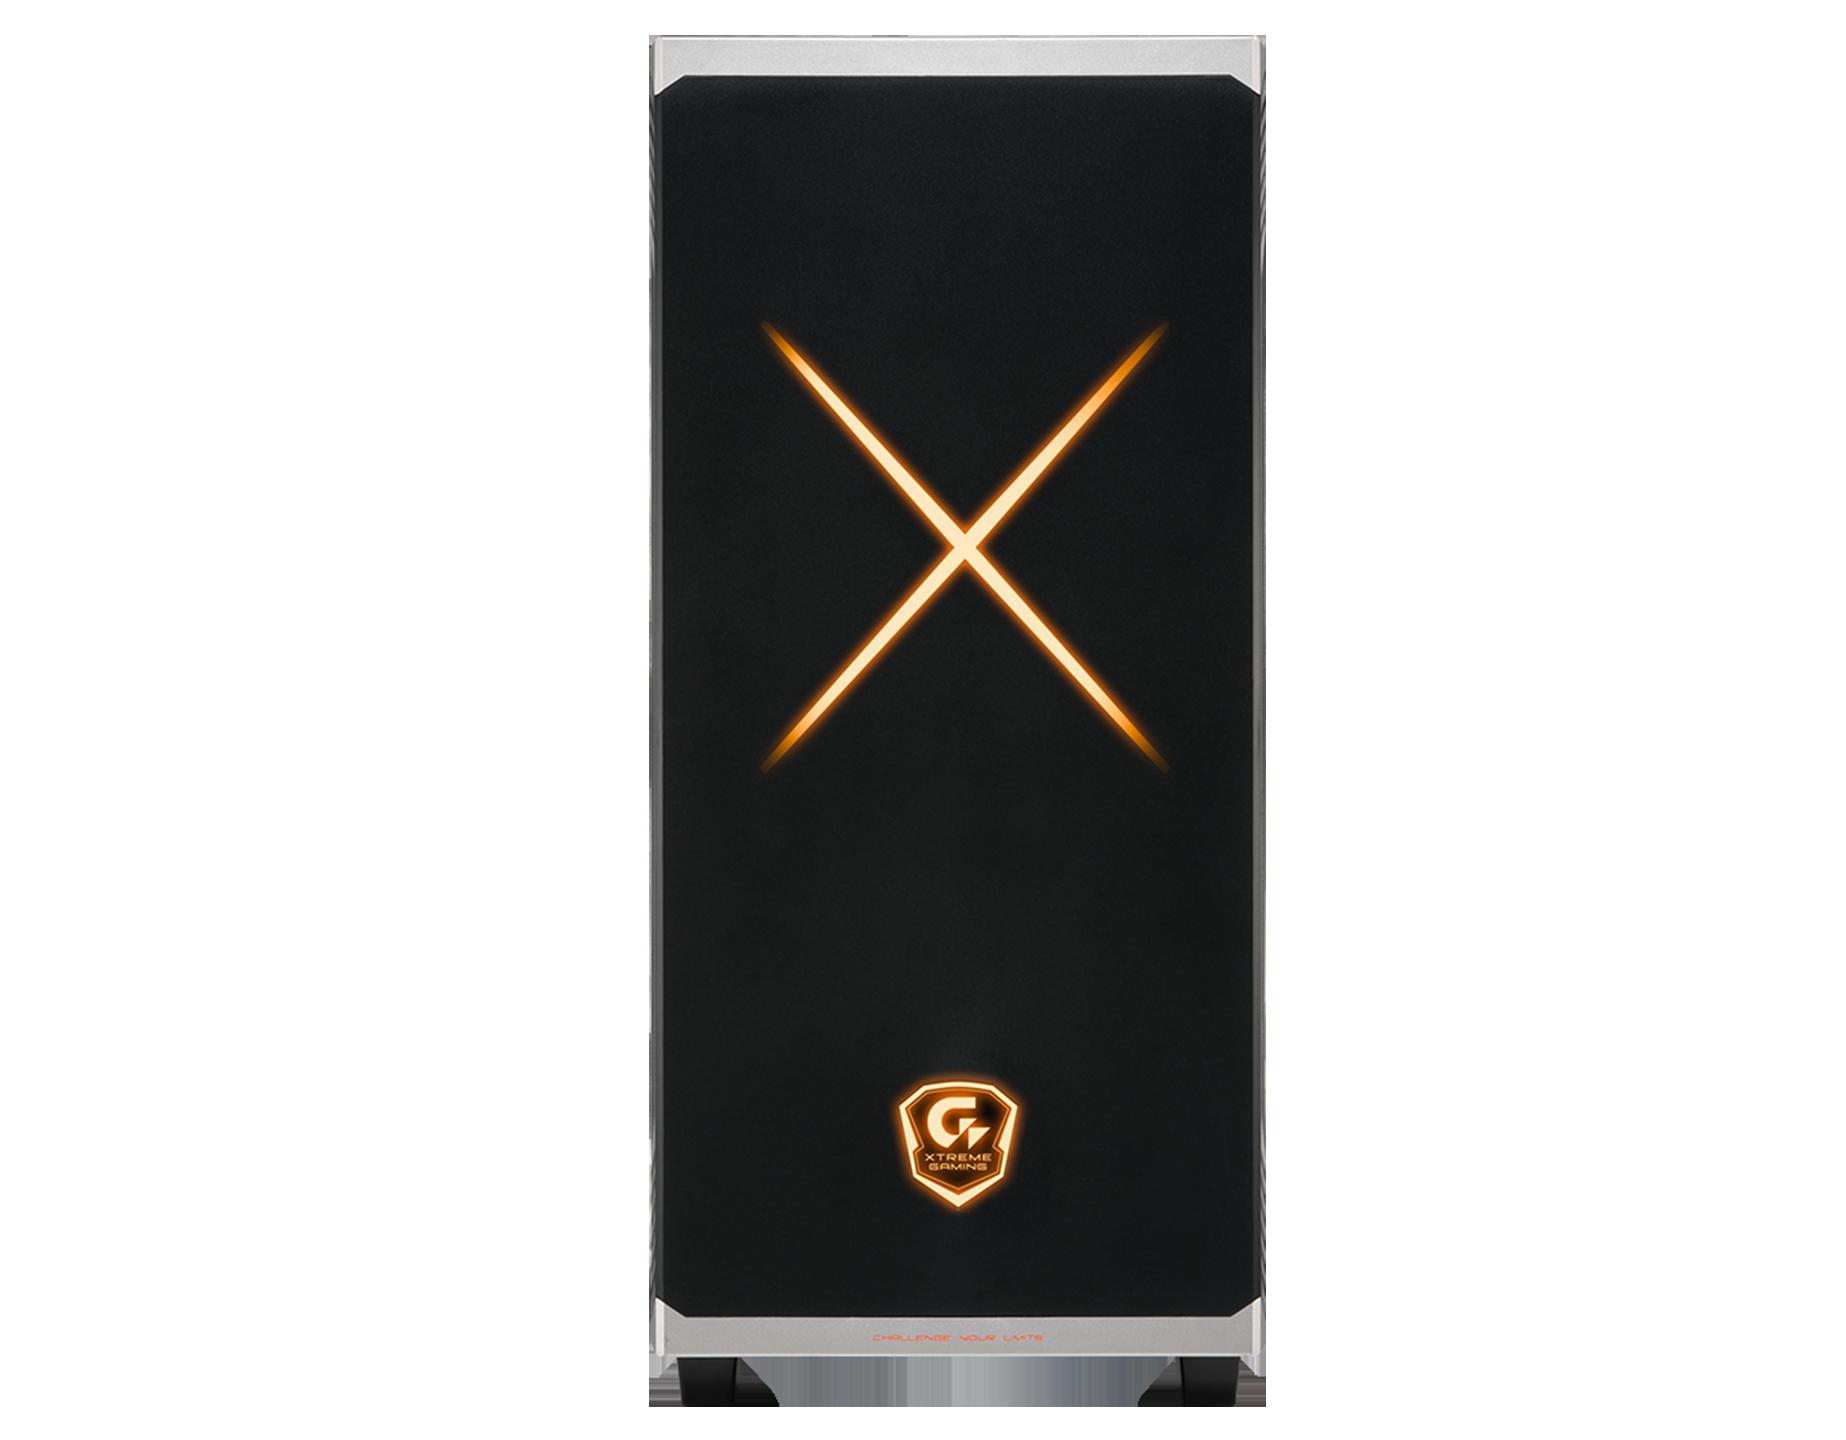 Xc w kast gigabyte netherlands